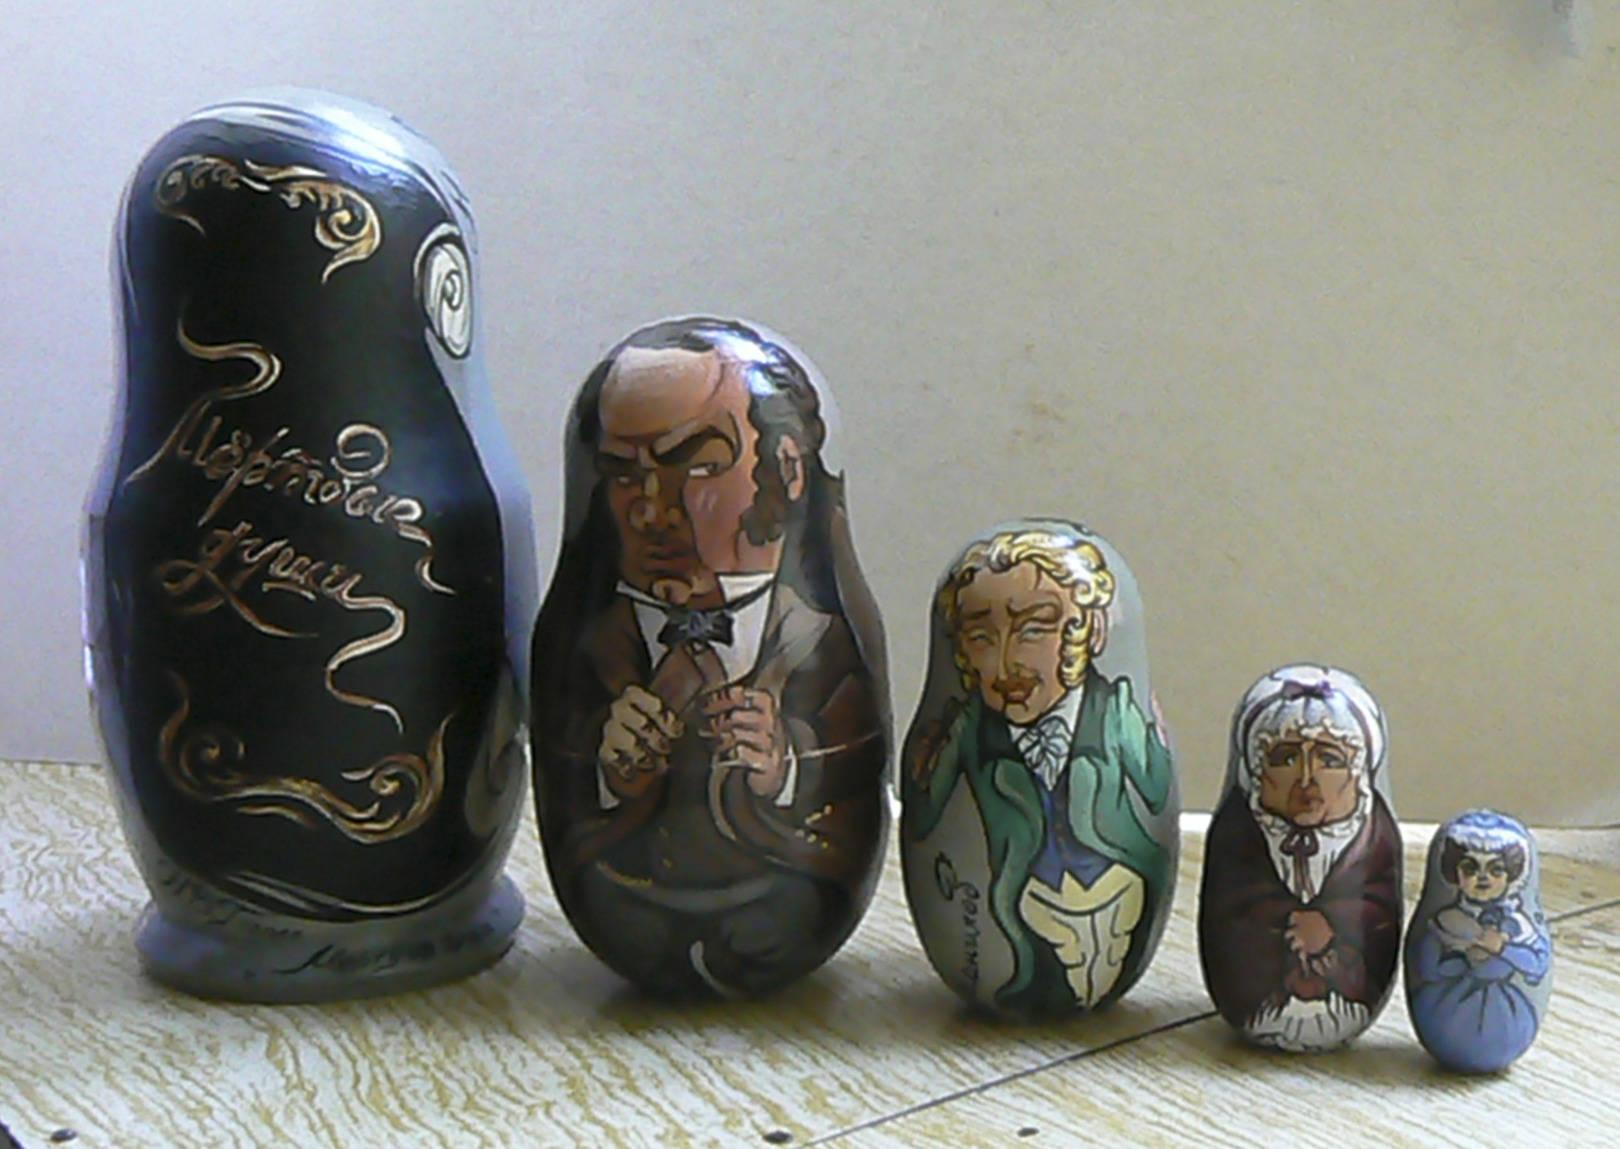 """Матрёшки по произведению Н.В. Гоголя """"Мёртвые души""""."""